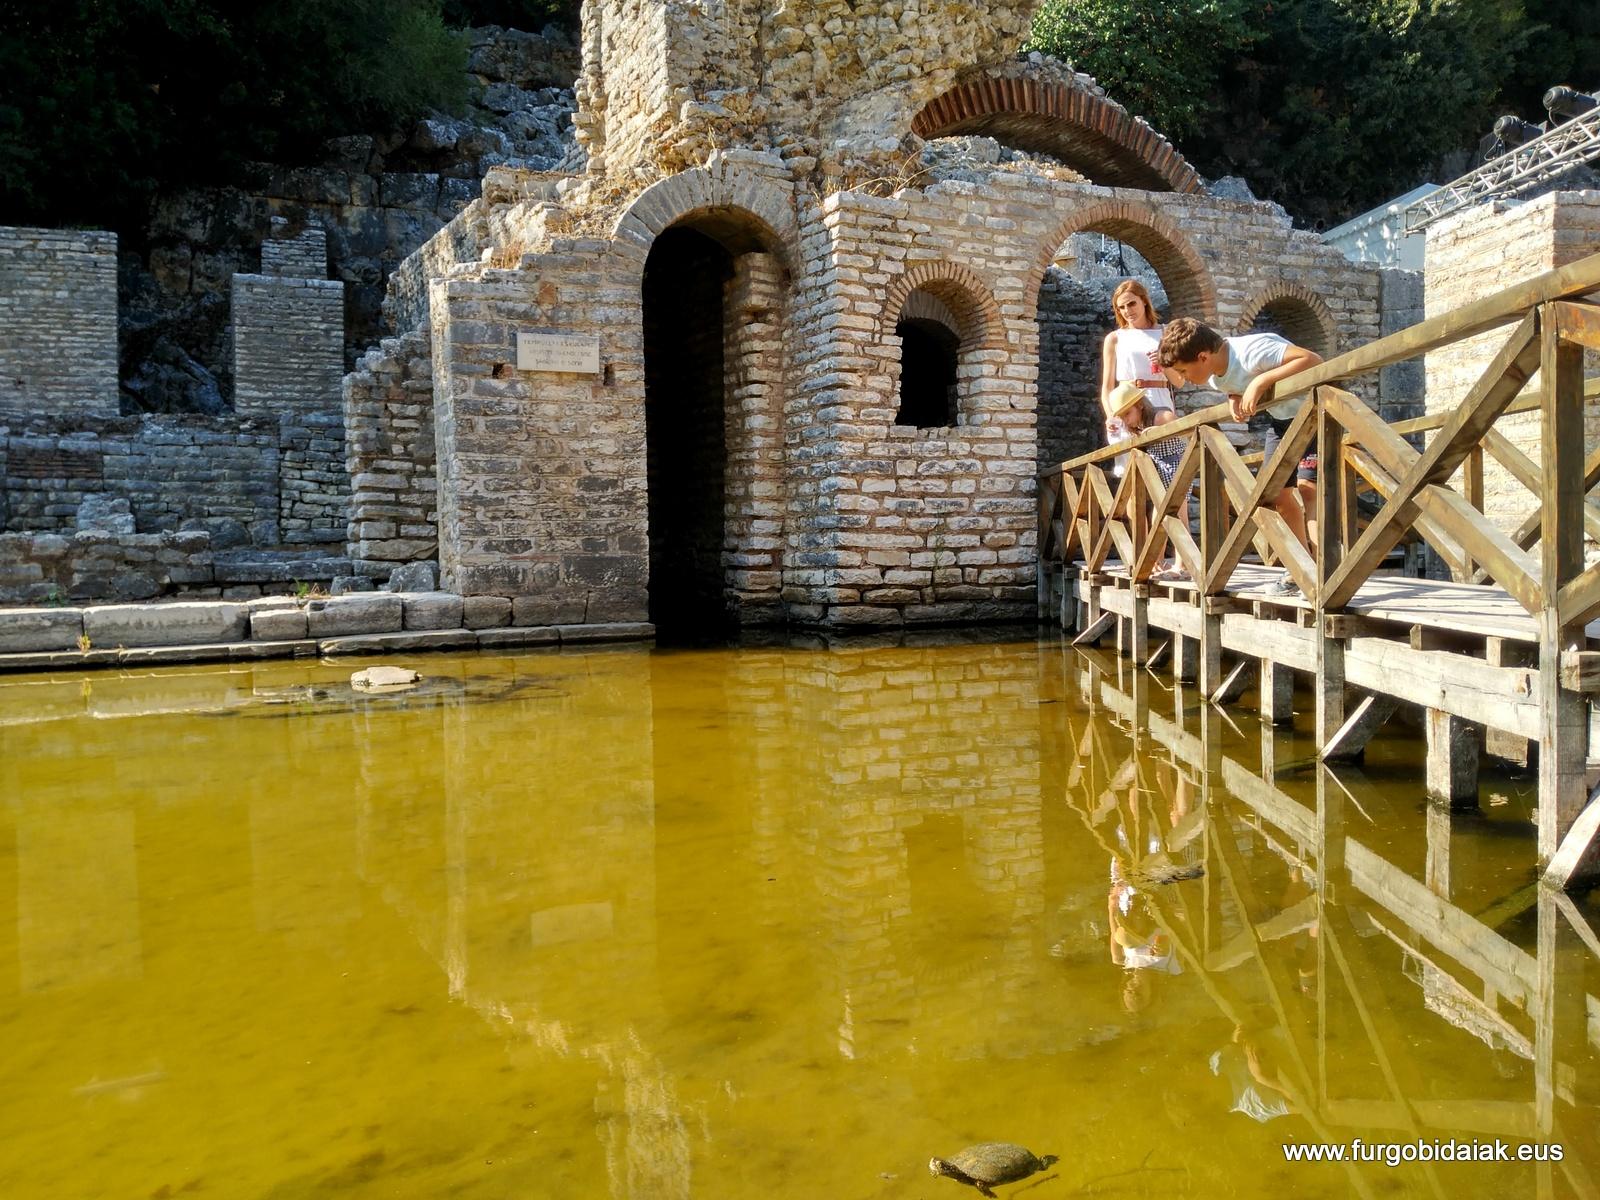 Templo de Asclepios, Butrint, Albania